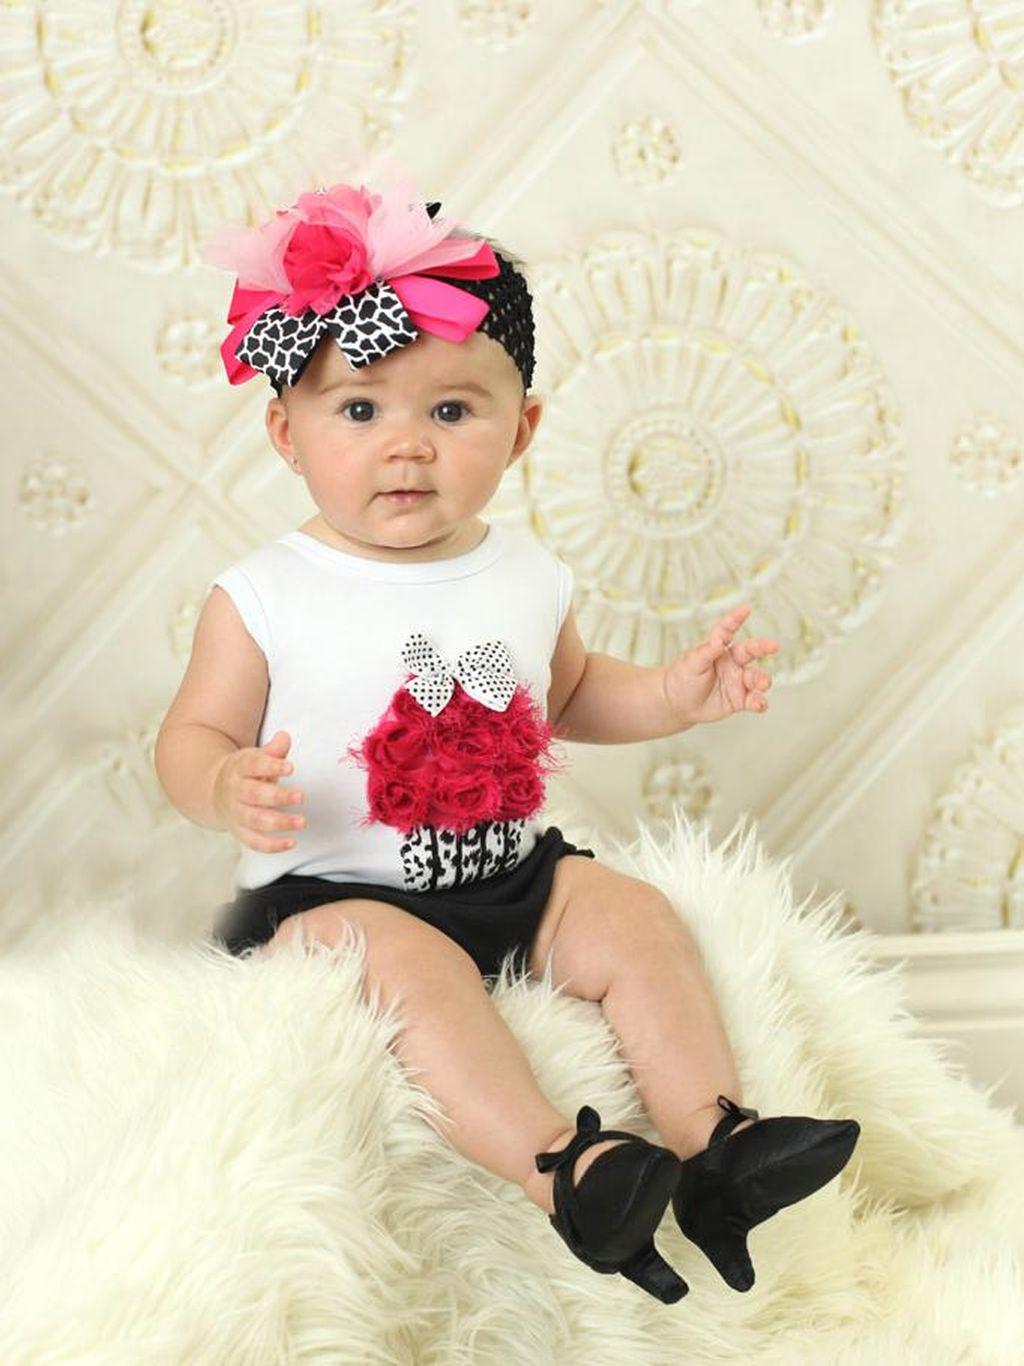 Desainer Dikritik Karena Buat High Heels Untuk Bayi